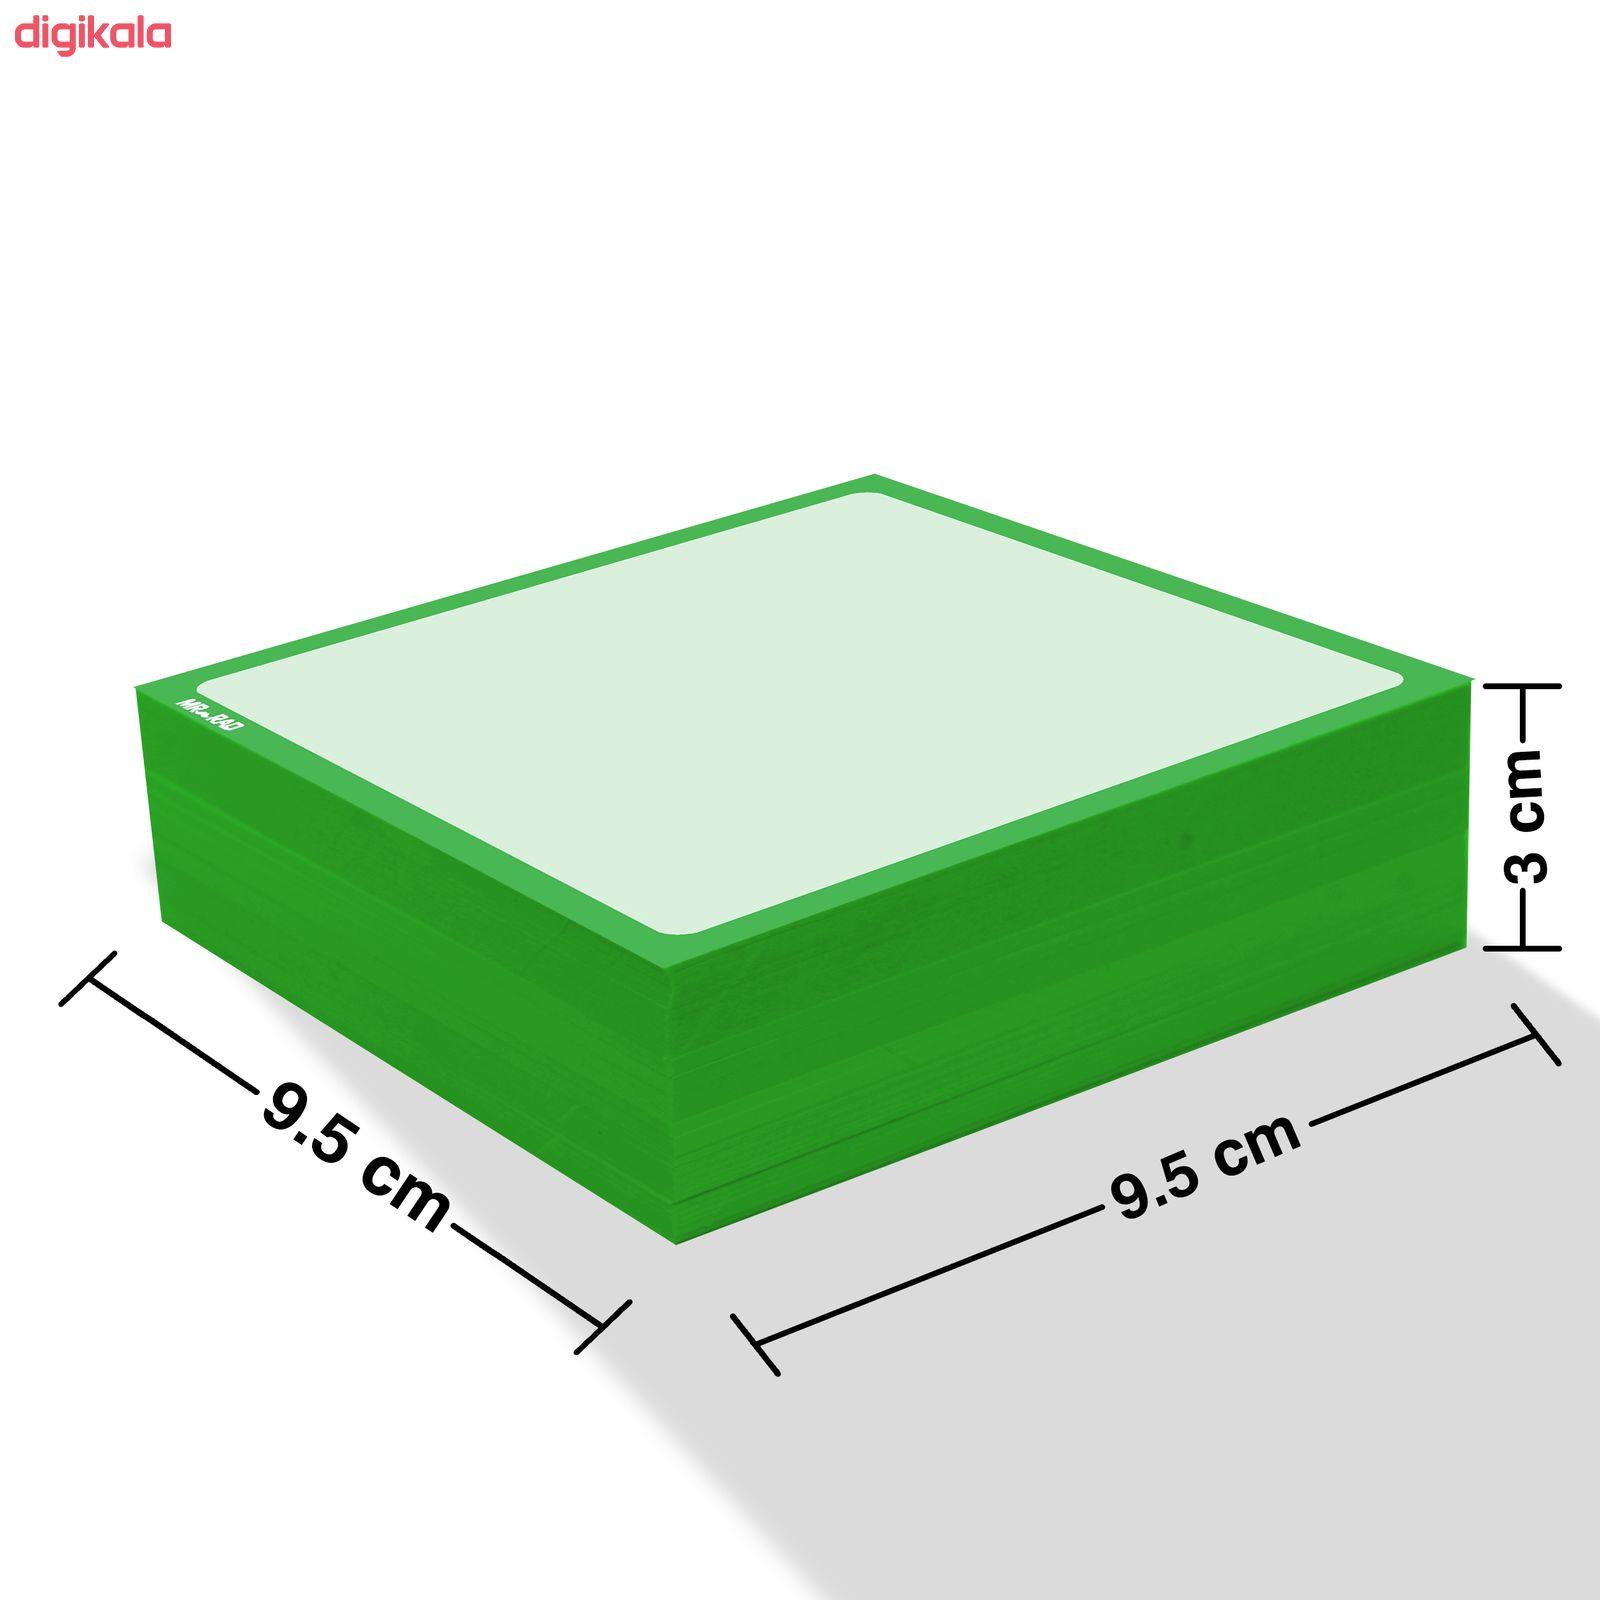 کاغذ یادداشت مستر راد مدل پریاکد W-1035بسته 200 عددی main 1 15